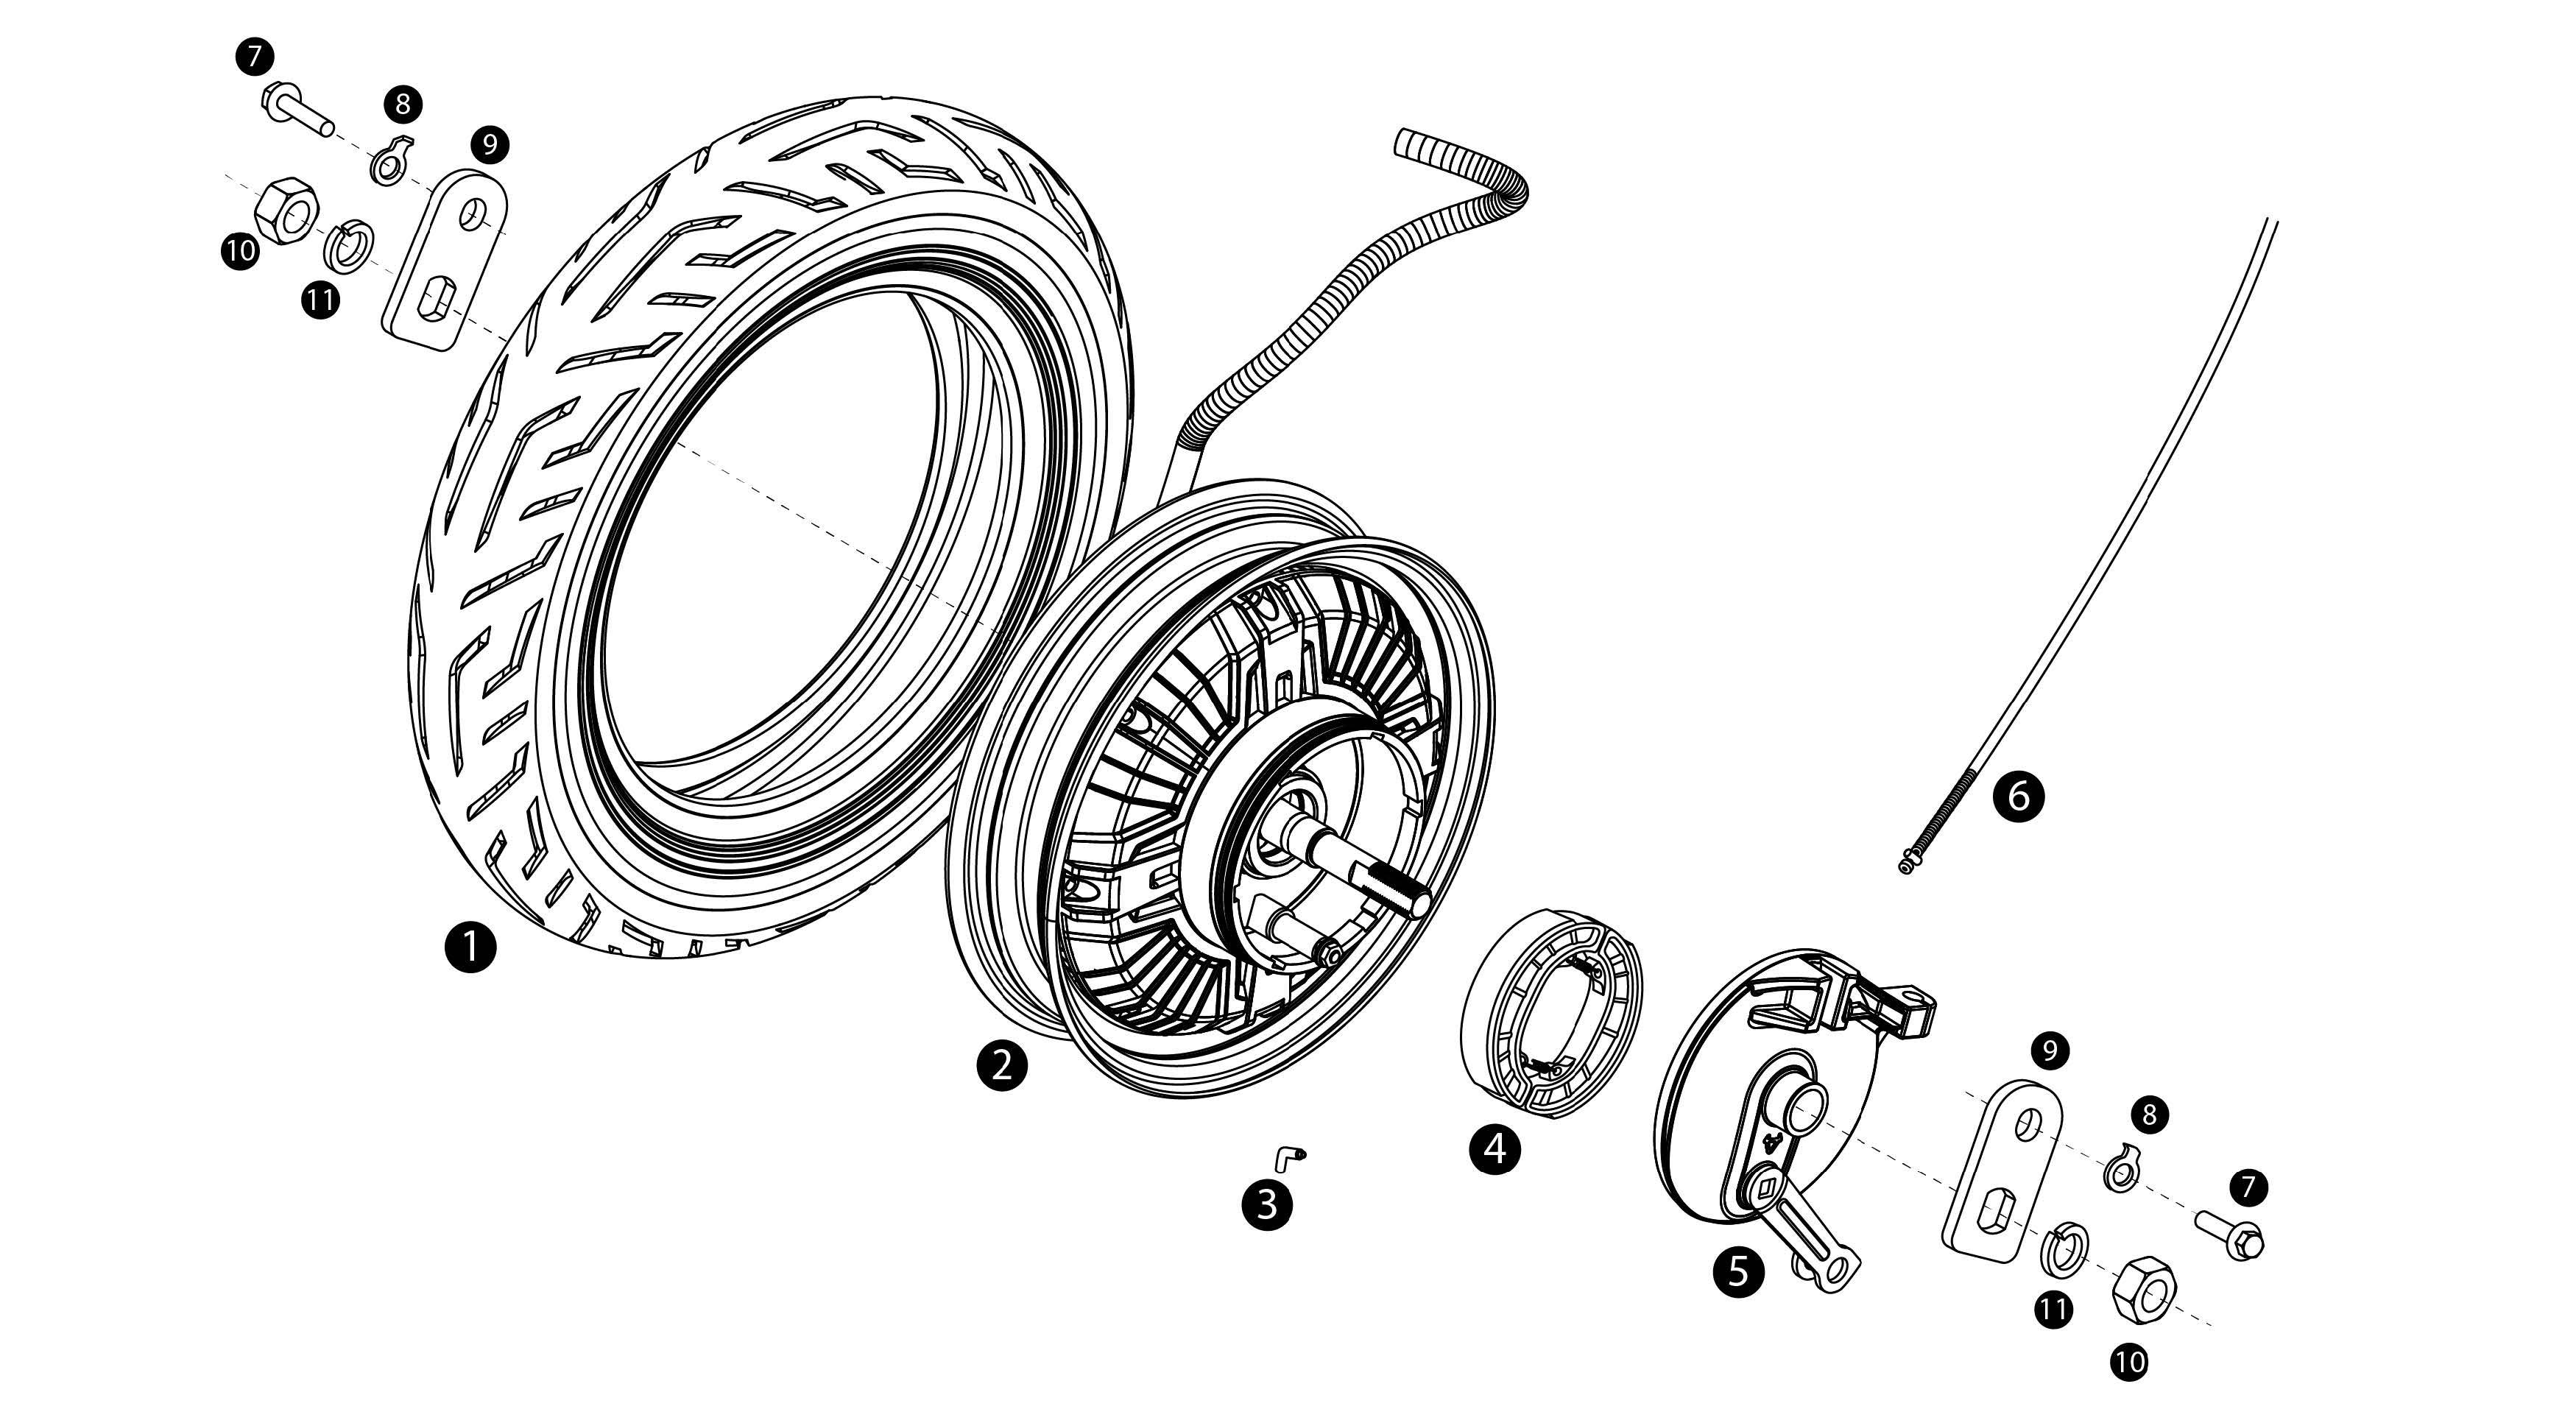 Bakhjul - Motor